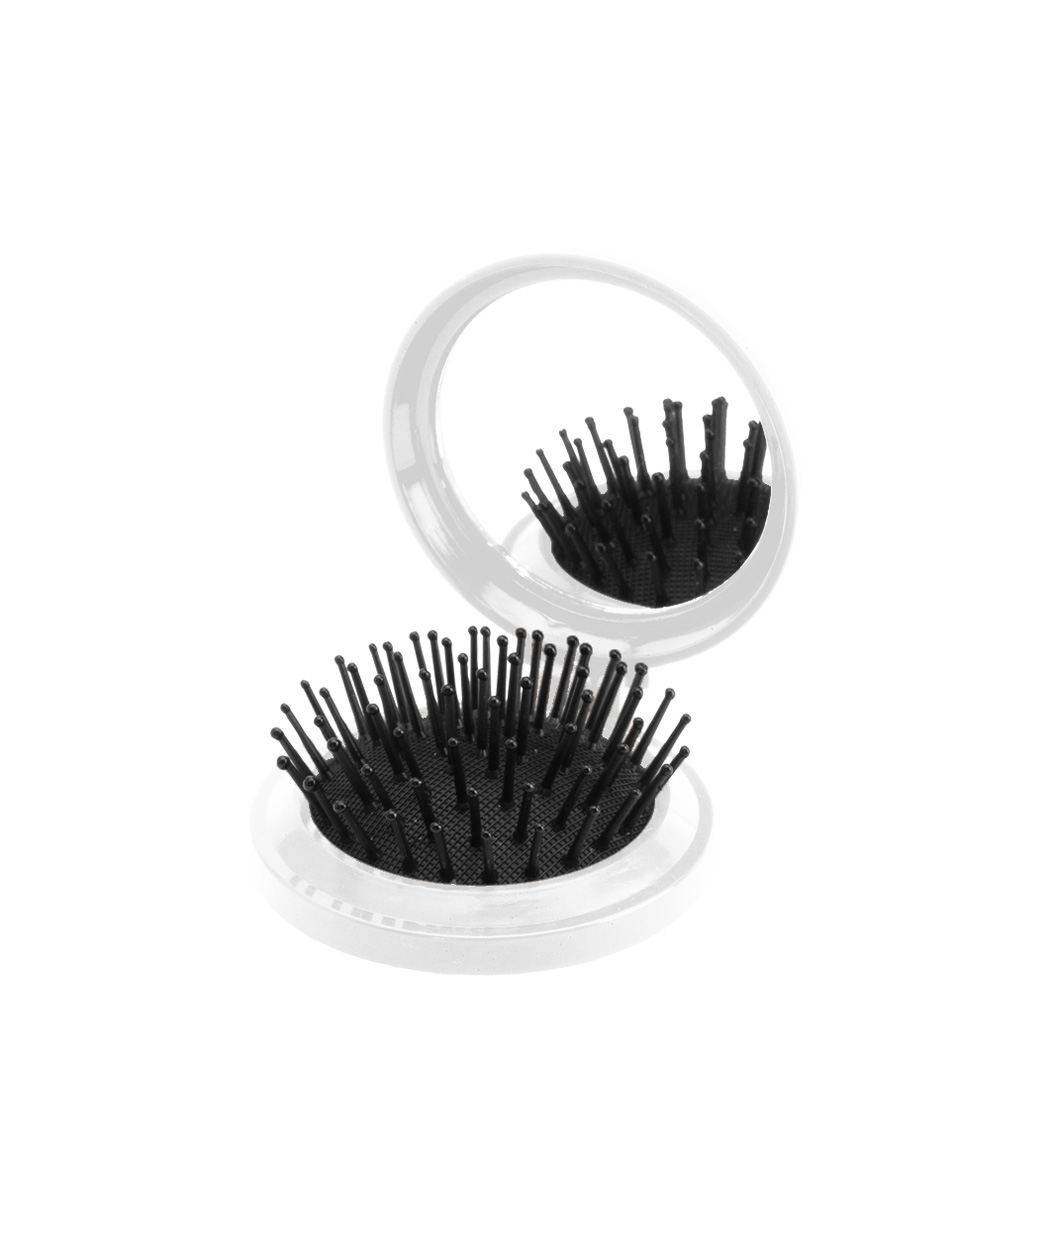 Glance specchio con spazzola per capelli